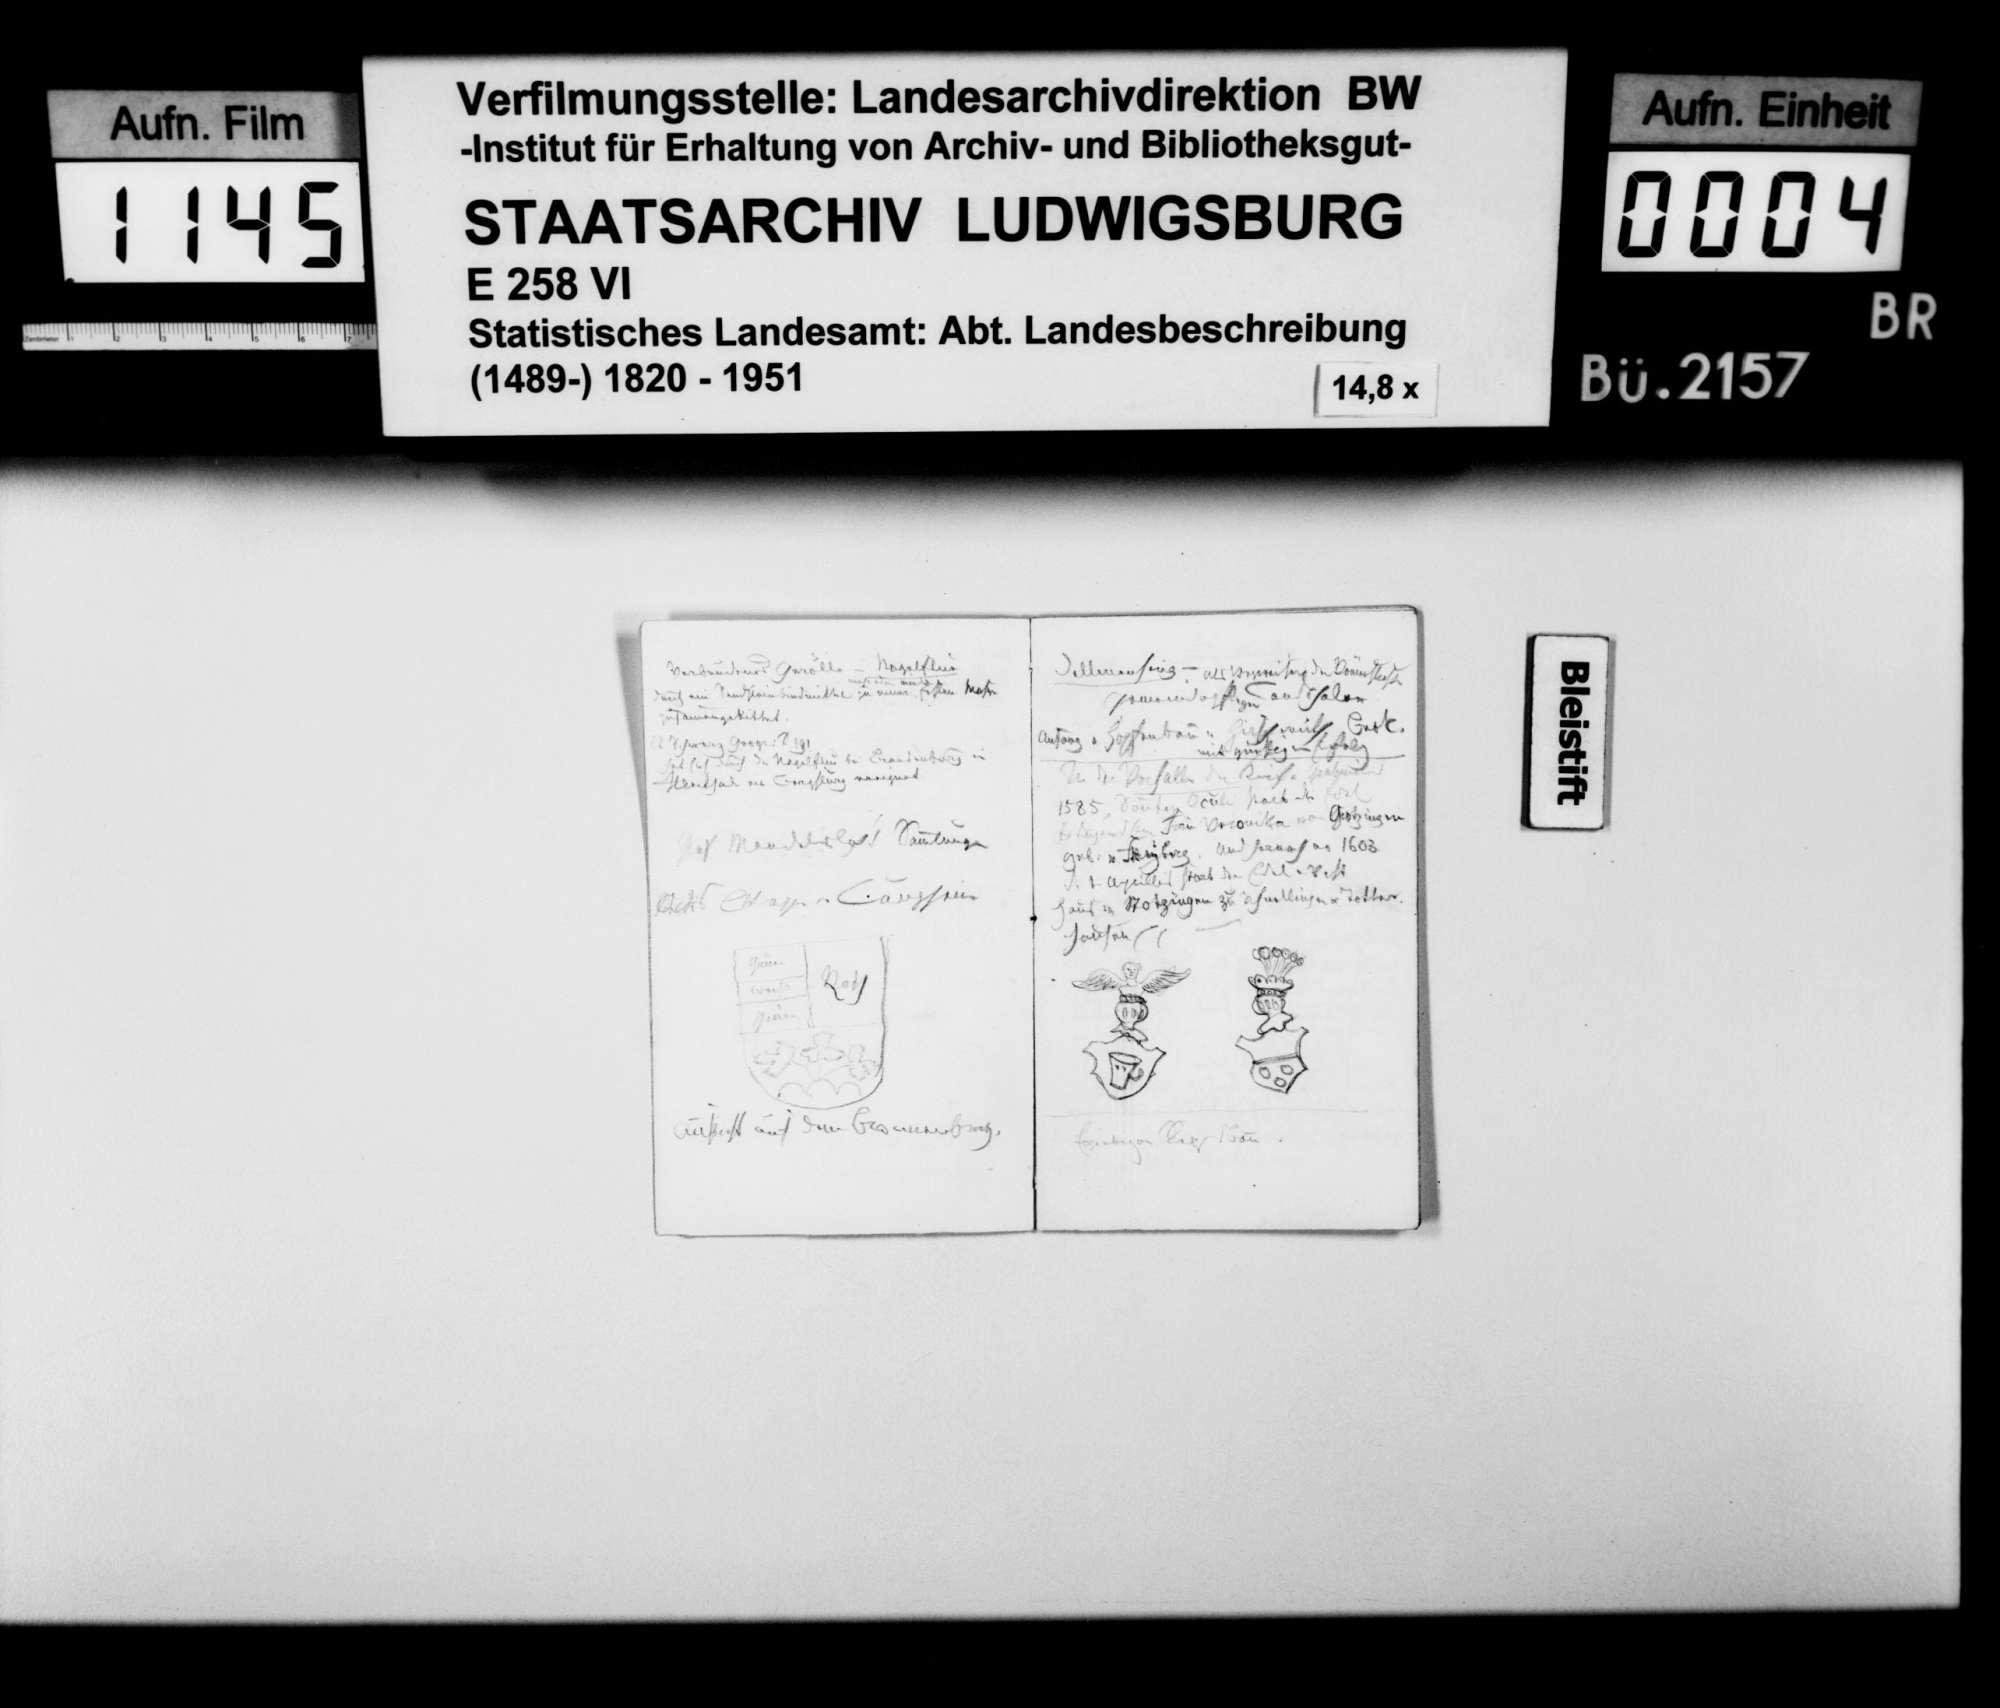 Notizbuch des Katasterkassiers F. Breunlin aus Stuttgart [vgl. Hof- und Staatshandbuch 1831, S. 147: Kanzleiassistent der Oberrechnungskammer B.], Bild 3